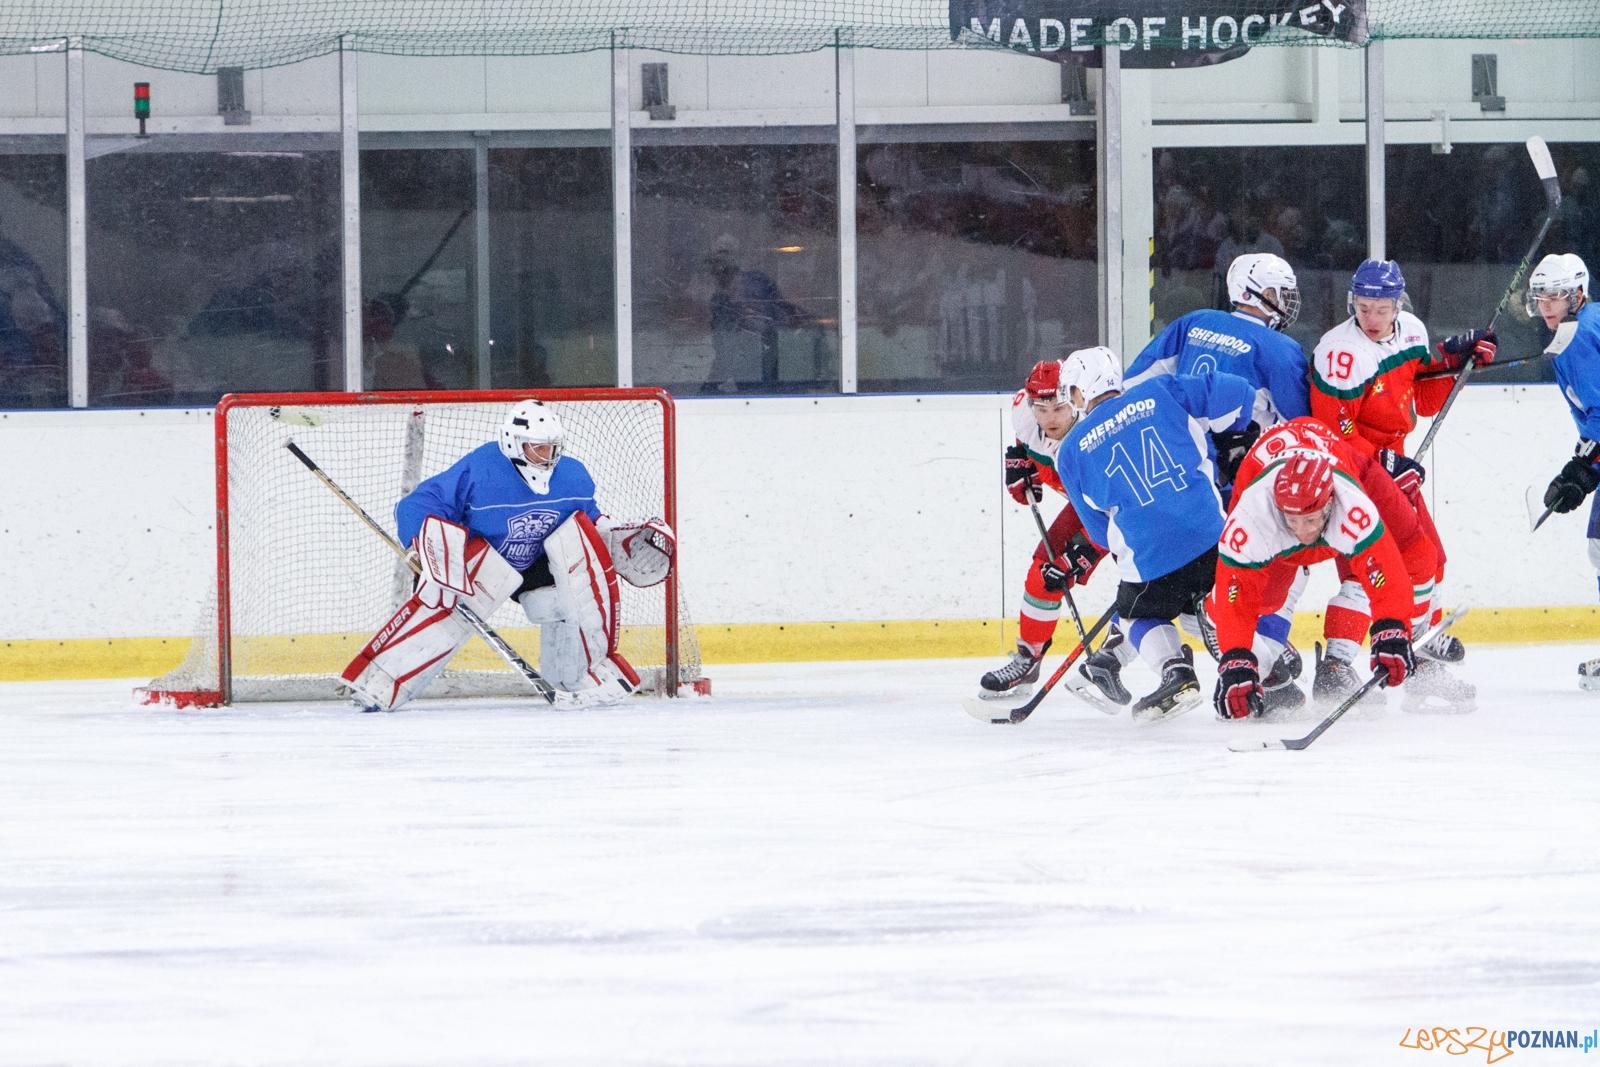 Hokej Poznań - Zagłębie Sosnowiec SA 2:15 - Poznań 18.12.201  Foto: LepszyPOZNAN.pl / Paweł Rychter